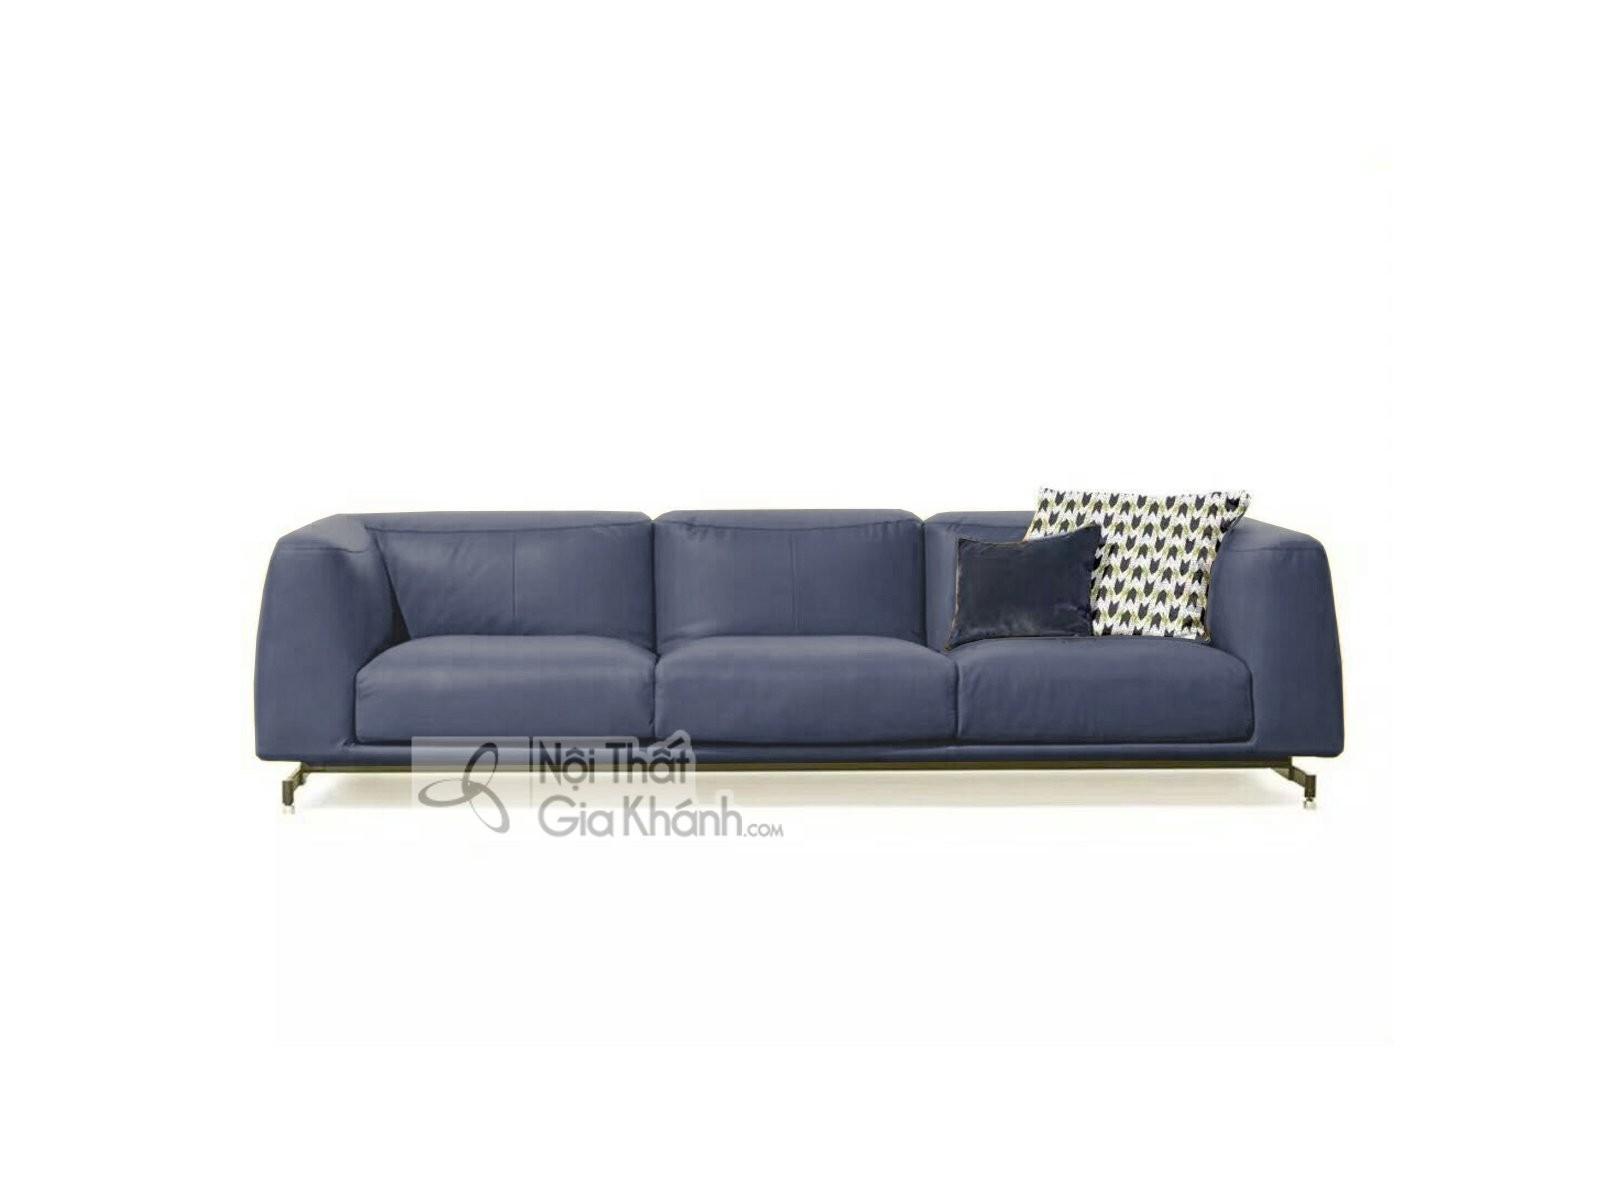 sofa da nhap khau phong cach y mbk 86007sf 1 - Ghế Sofa Da Thật Hiện Đại SB86007T-3